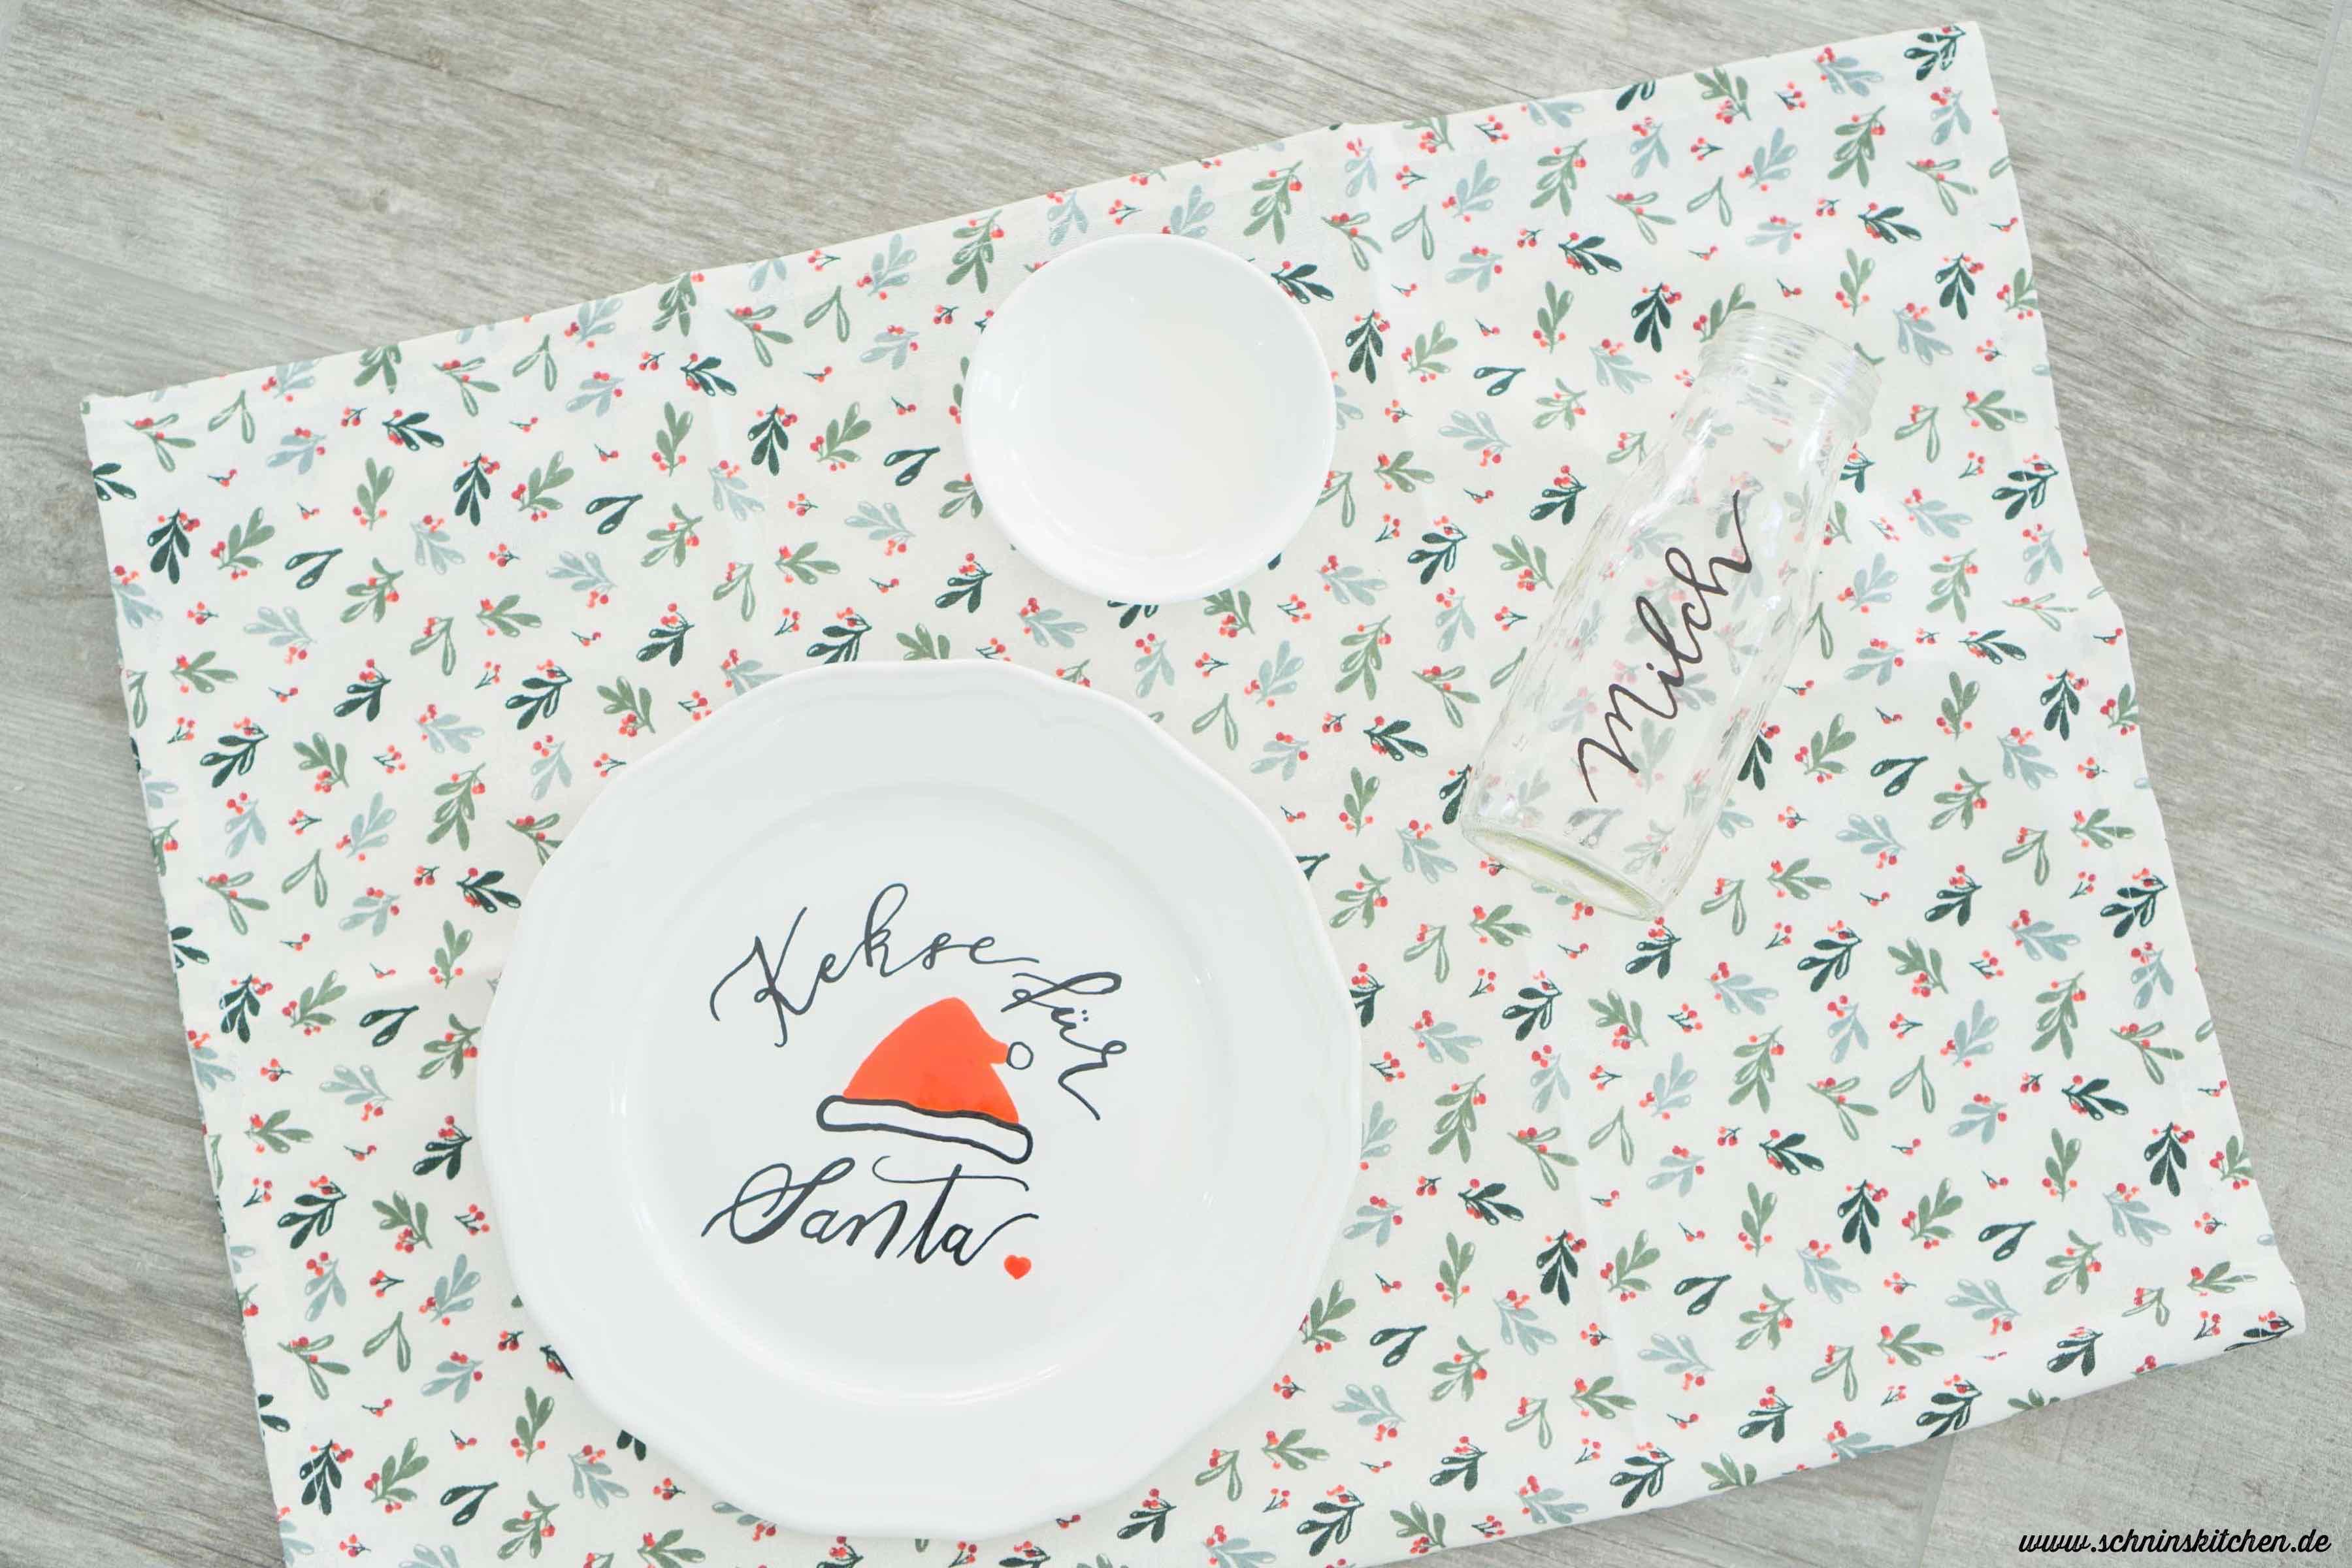 DIY Kekse für den Weihnachtsmann (Cookies for Santa) - Geschirr bemalen mit Lettering | www.schninskitchen.de